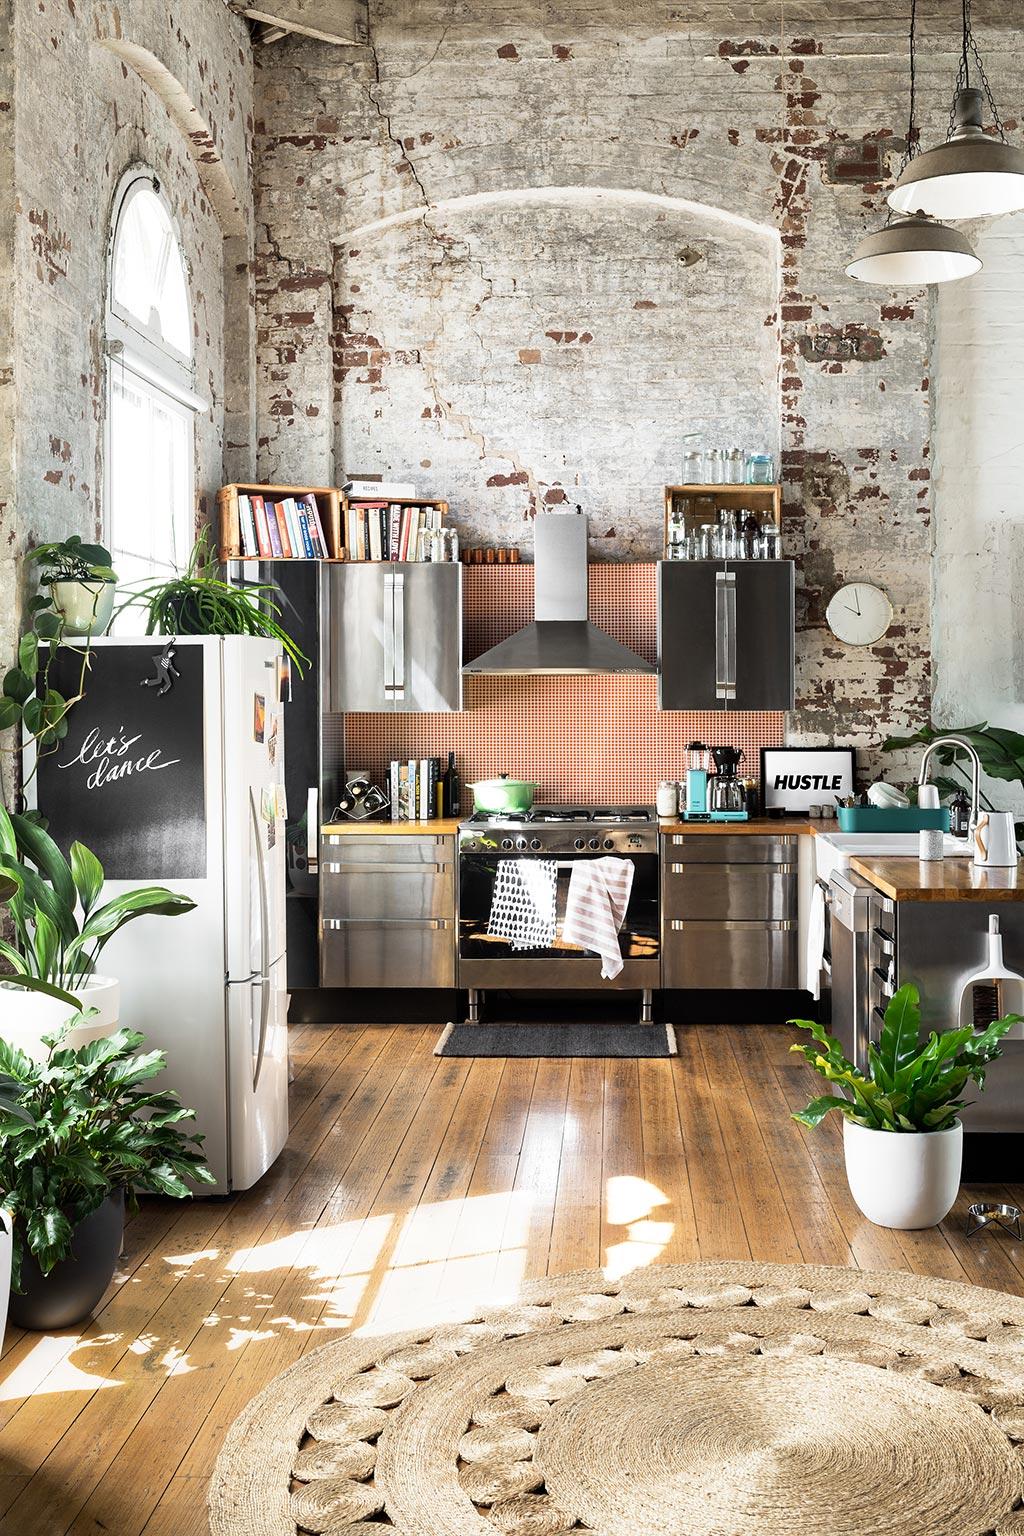 home tour loft australien decoration cuisine tapir rond jute madmeoiselle claudine